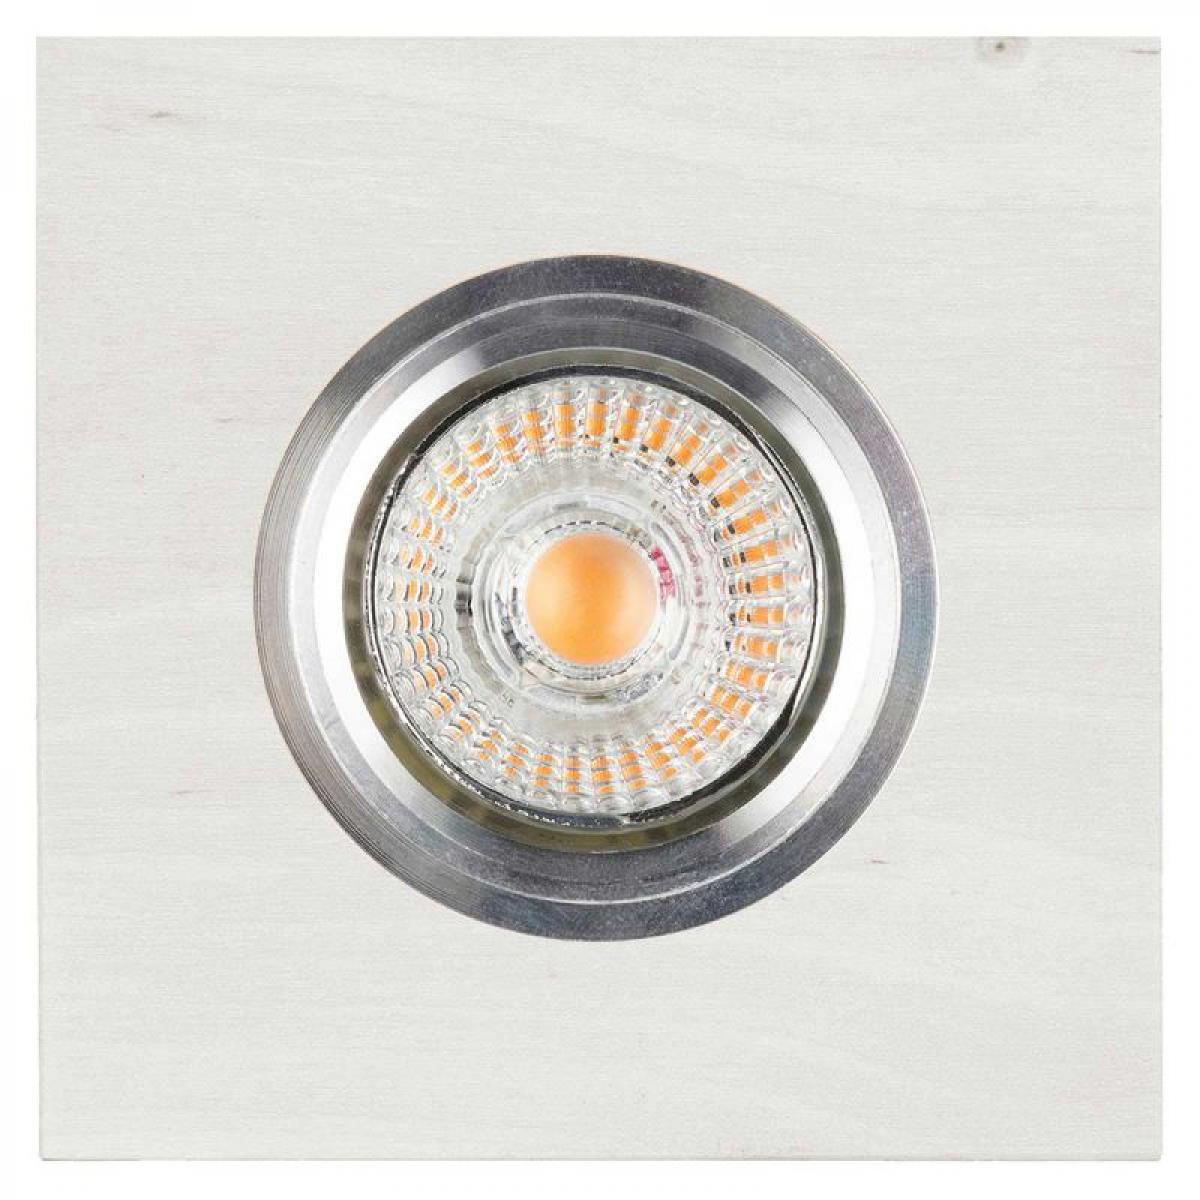 Paris Prix Spot Encastrable Carré LED Bois 9cm Blanc